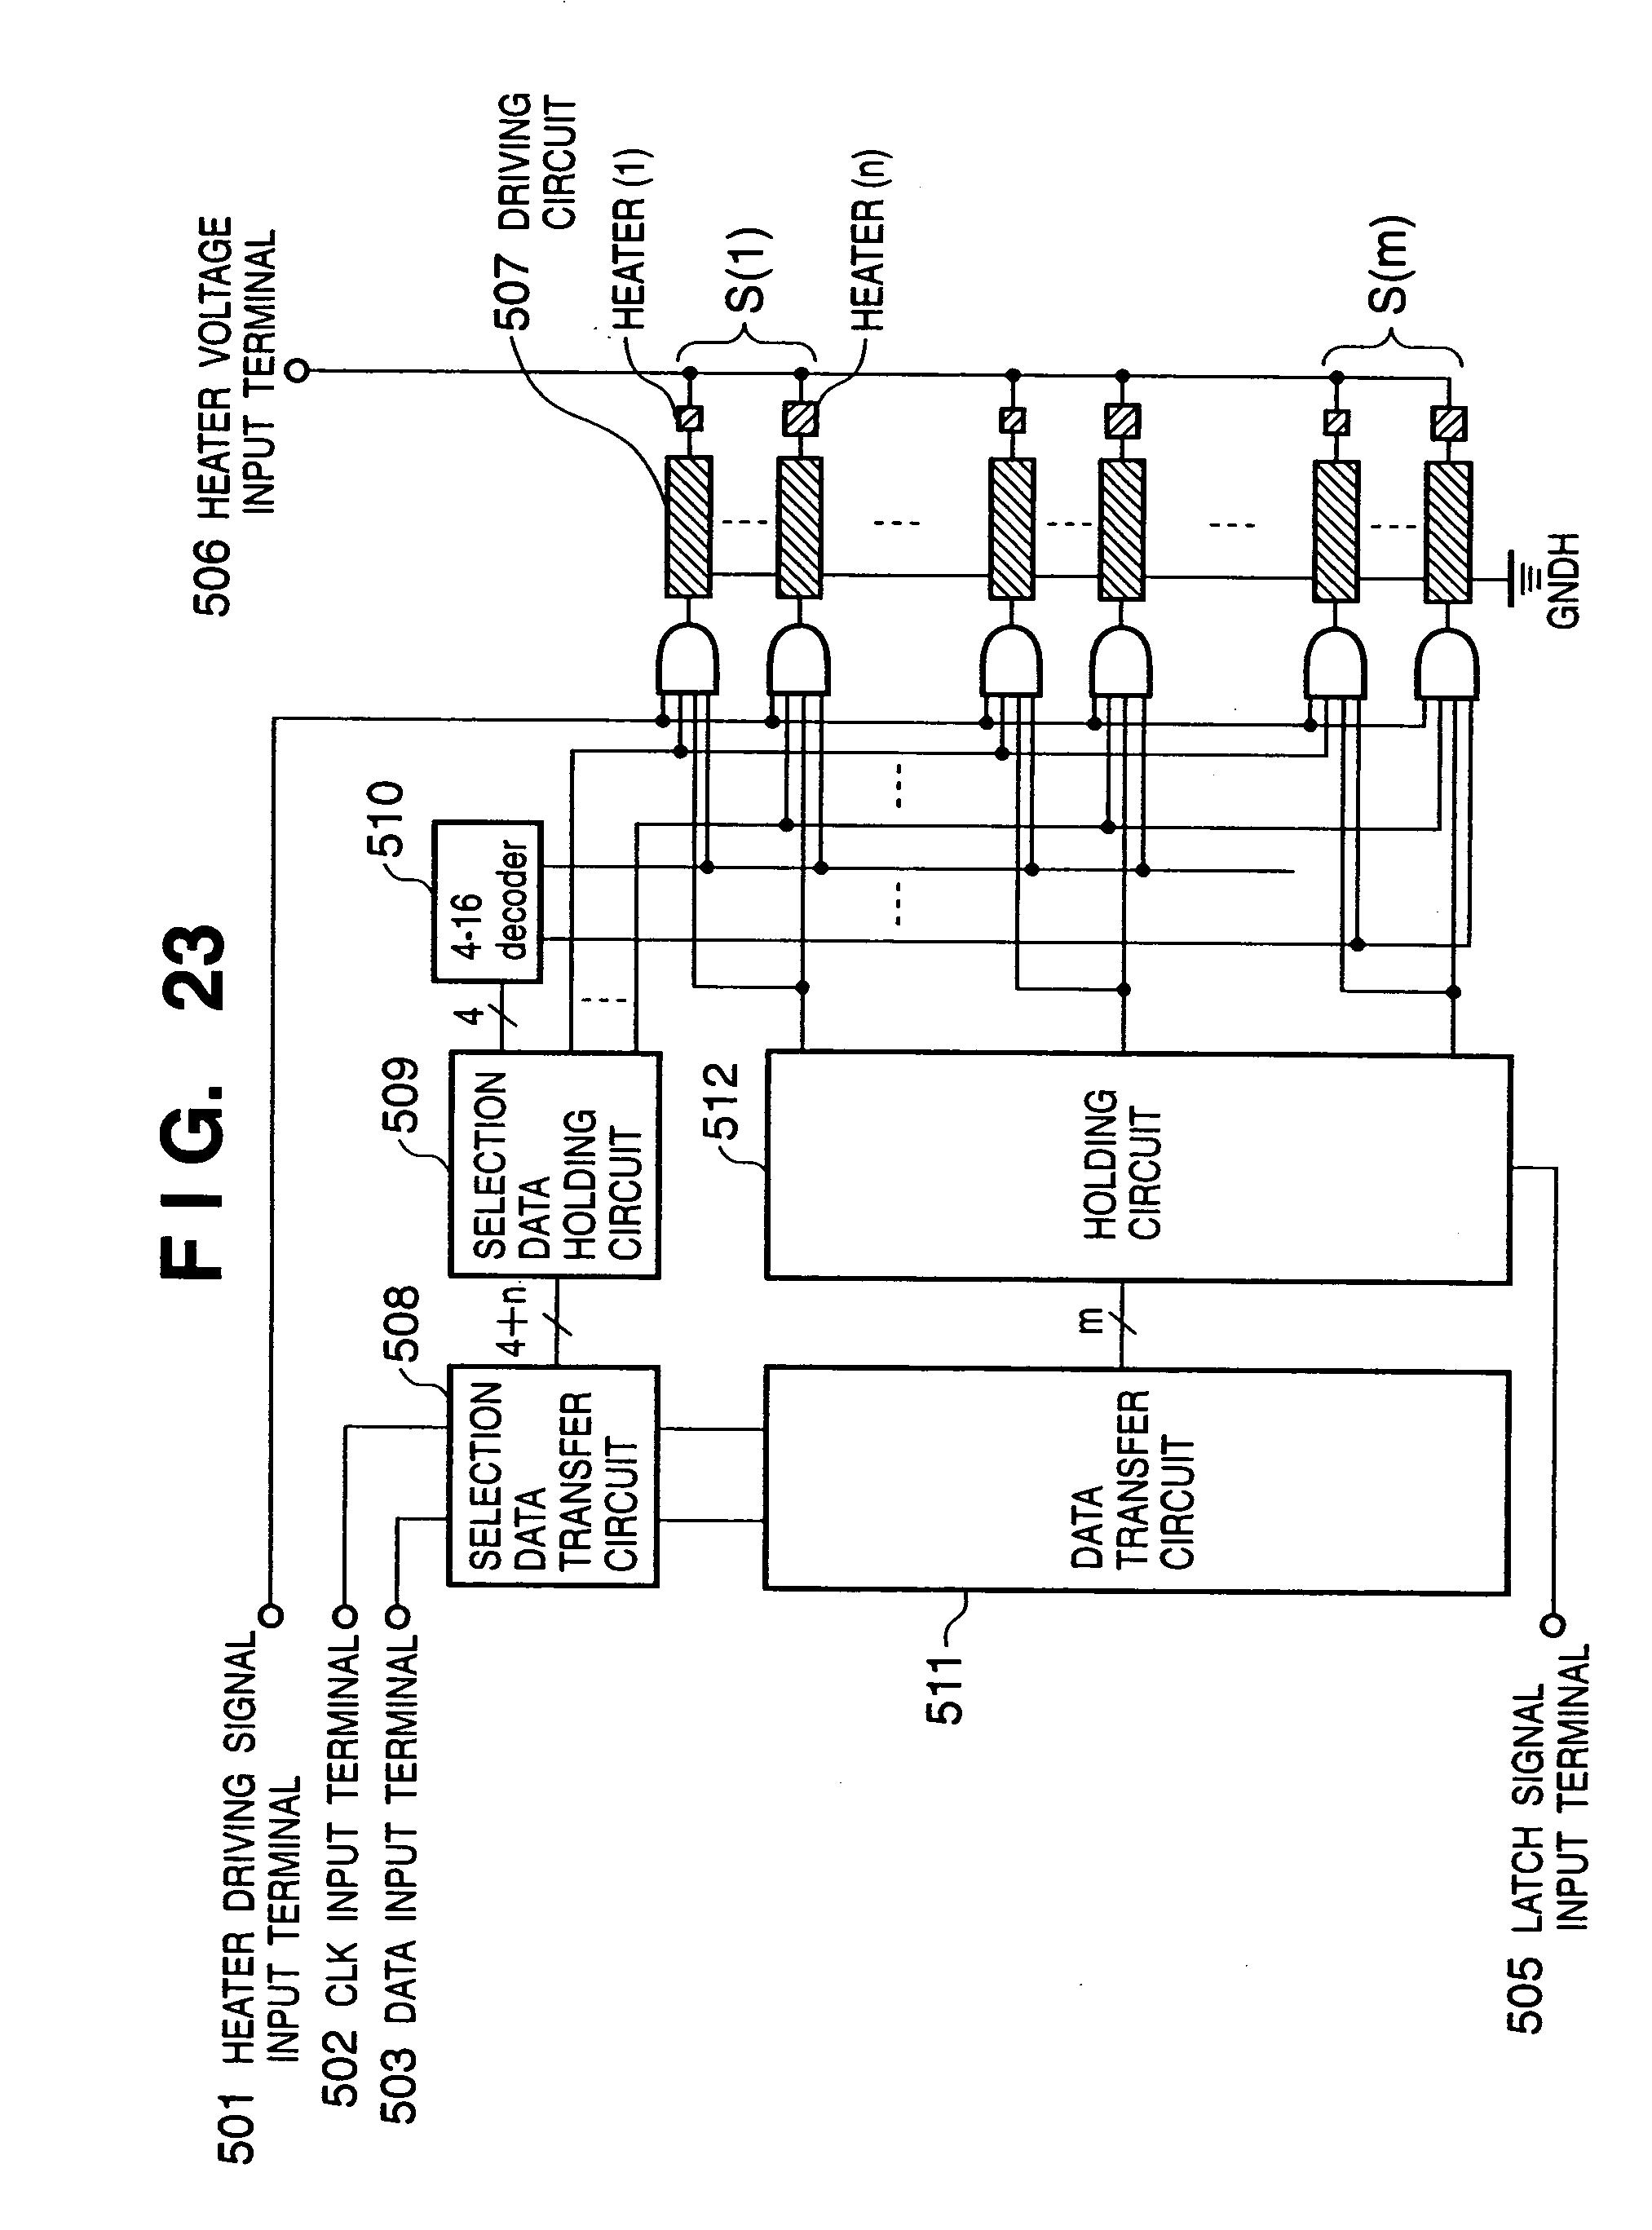 Patent Us7144093 Inkjet Printhead Driving Method Of 4 To 16 Decoder Logic Diagram Drawing